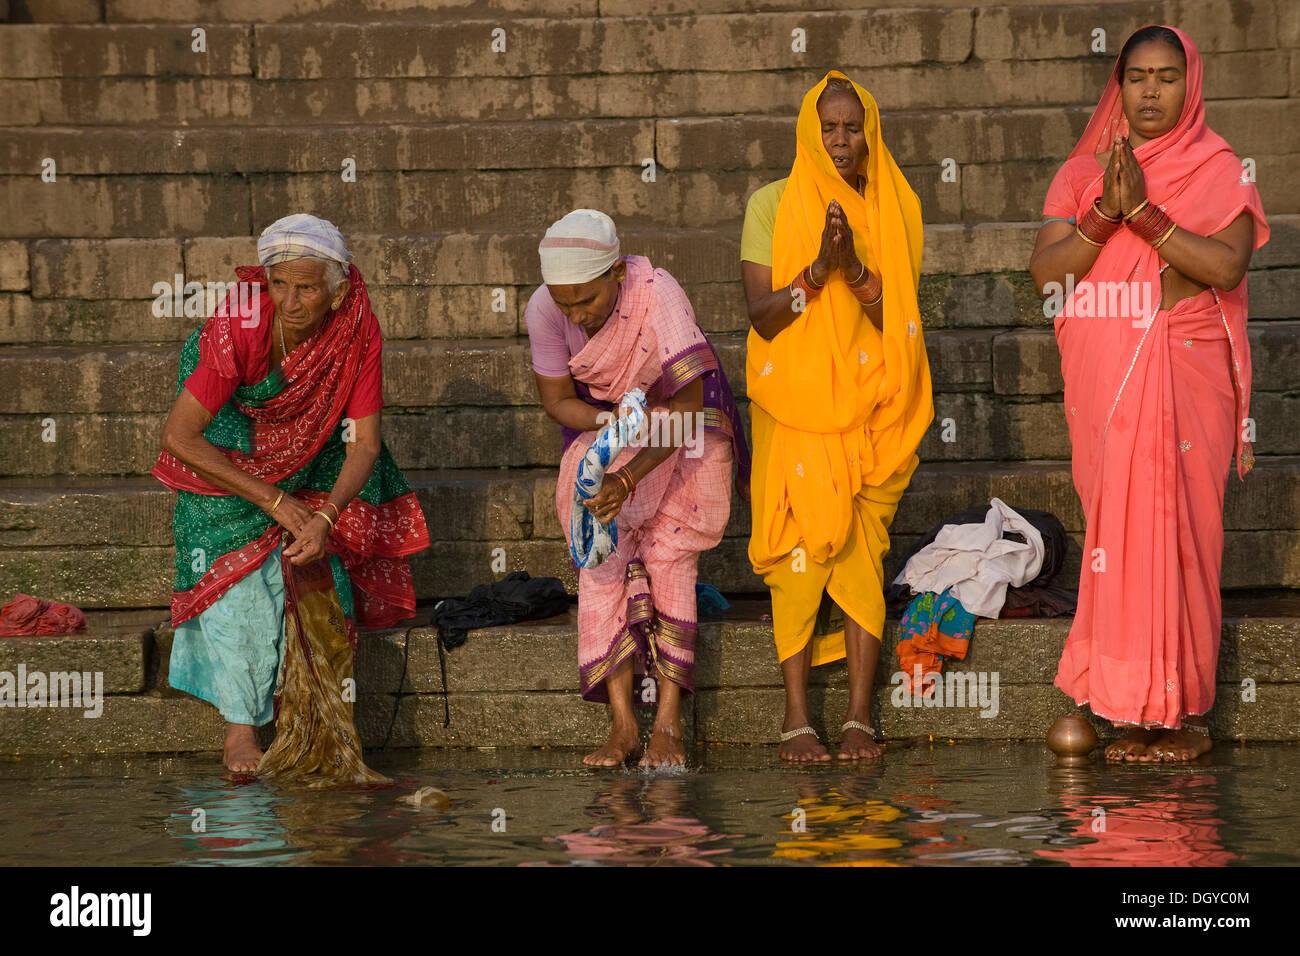 Las mujeres en la oración de la mañana hindú Puya, río Ganges, Varanasi, Uttar Pradesh, India, Imagen De Stock